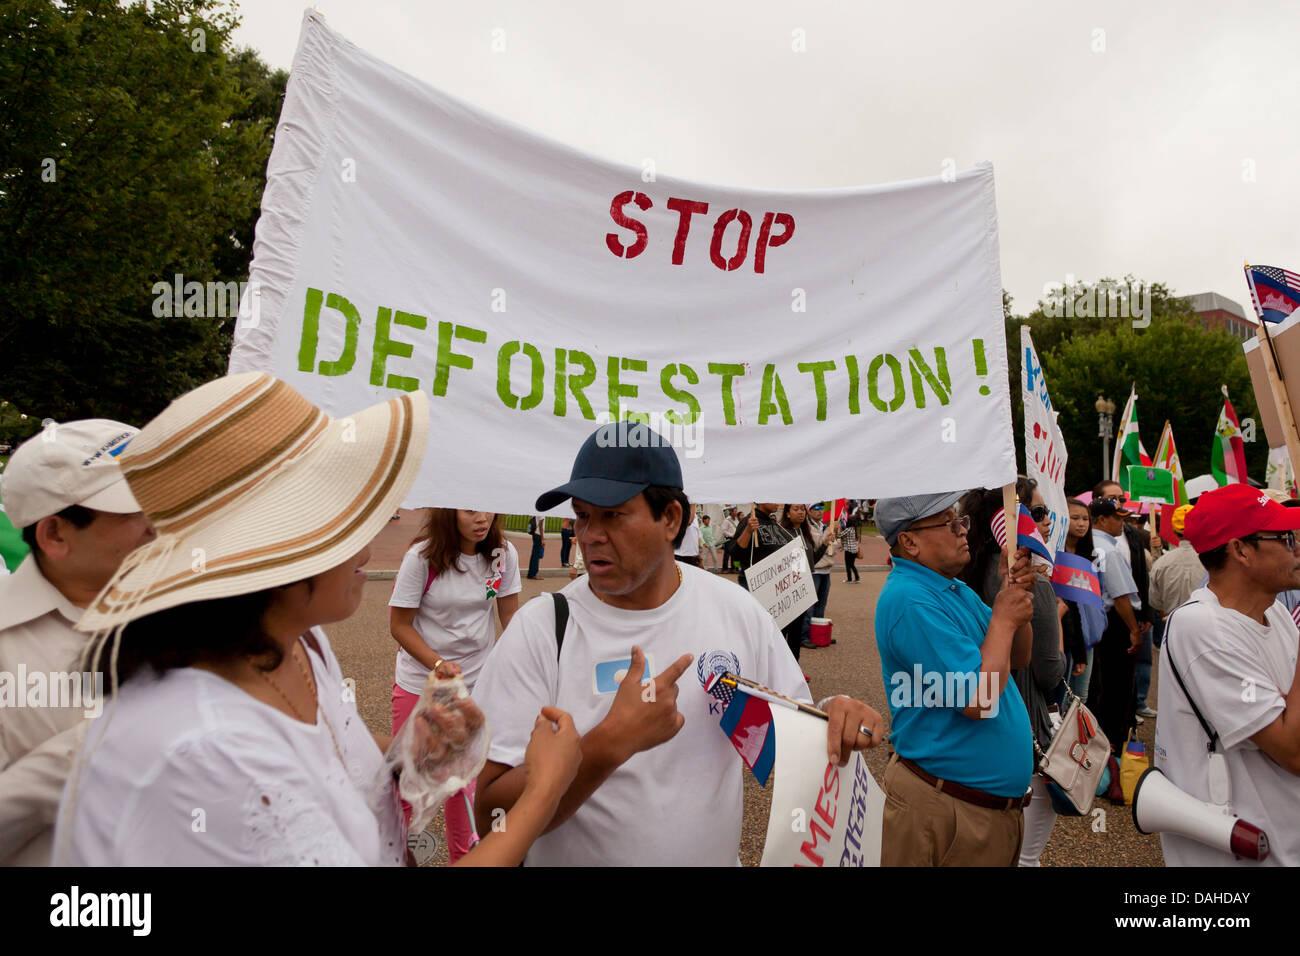 Arrêter le déboisement bannière lors d'un rassemblement de l'environnement Banque D'Images